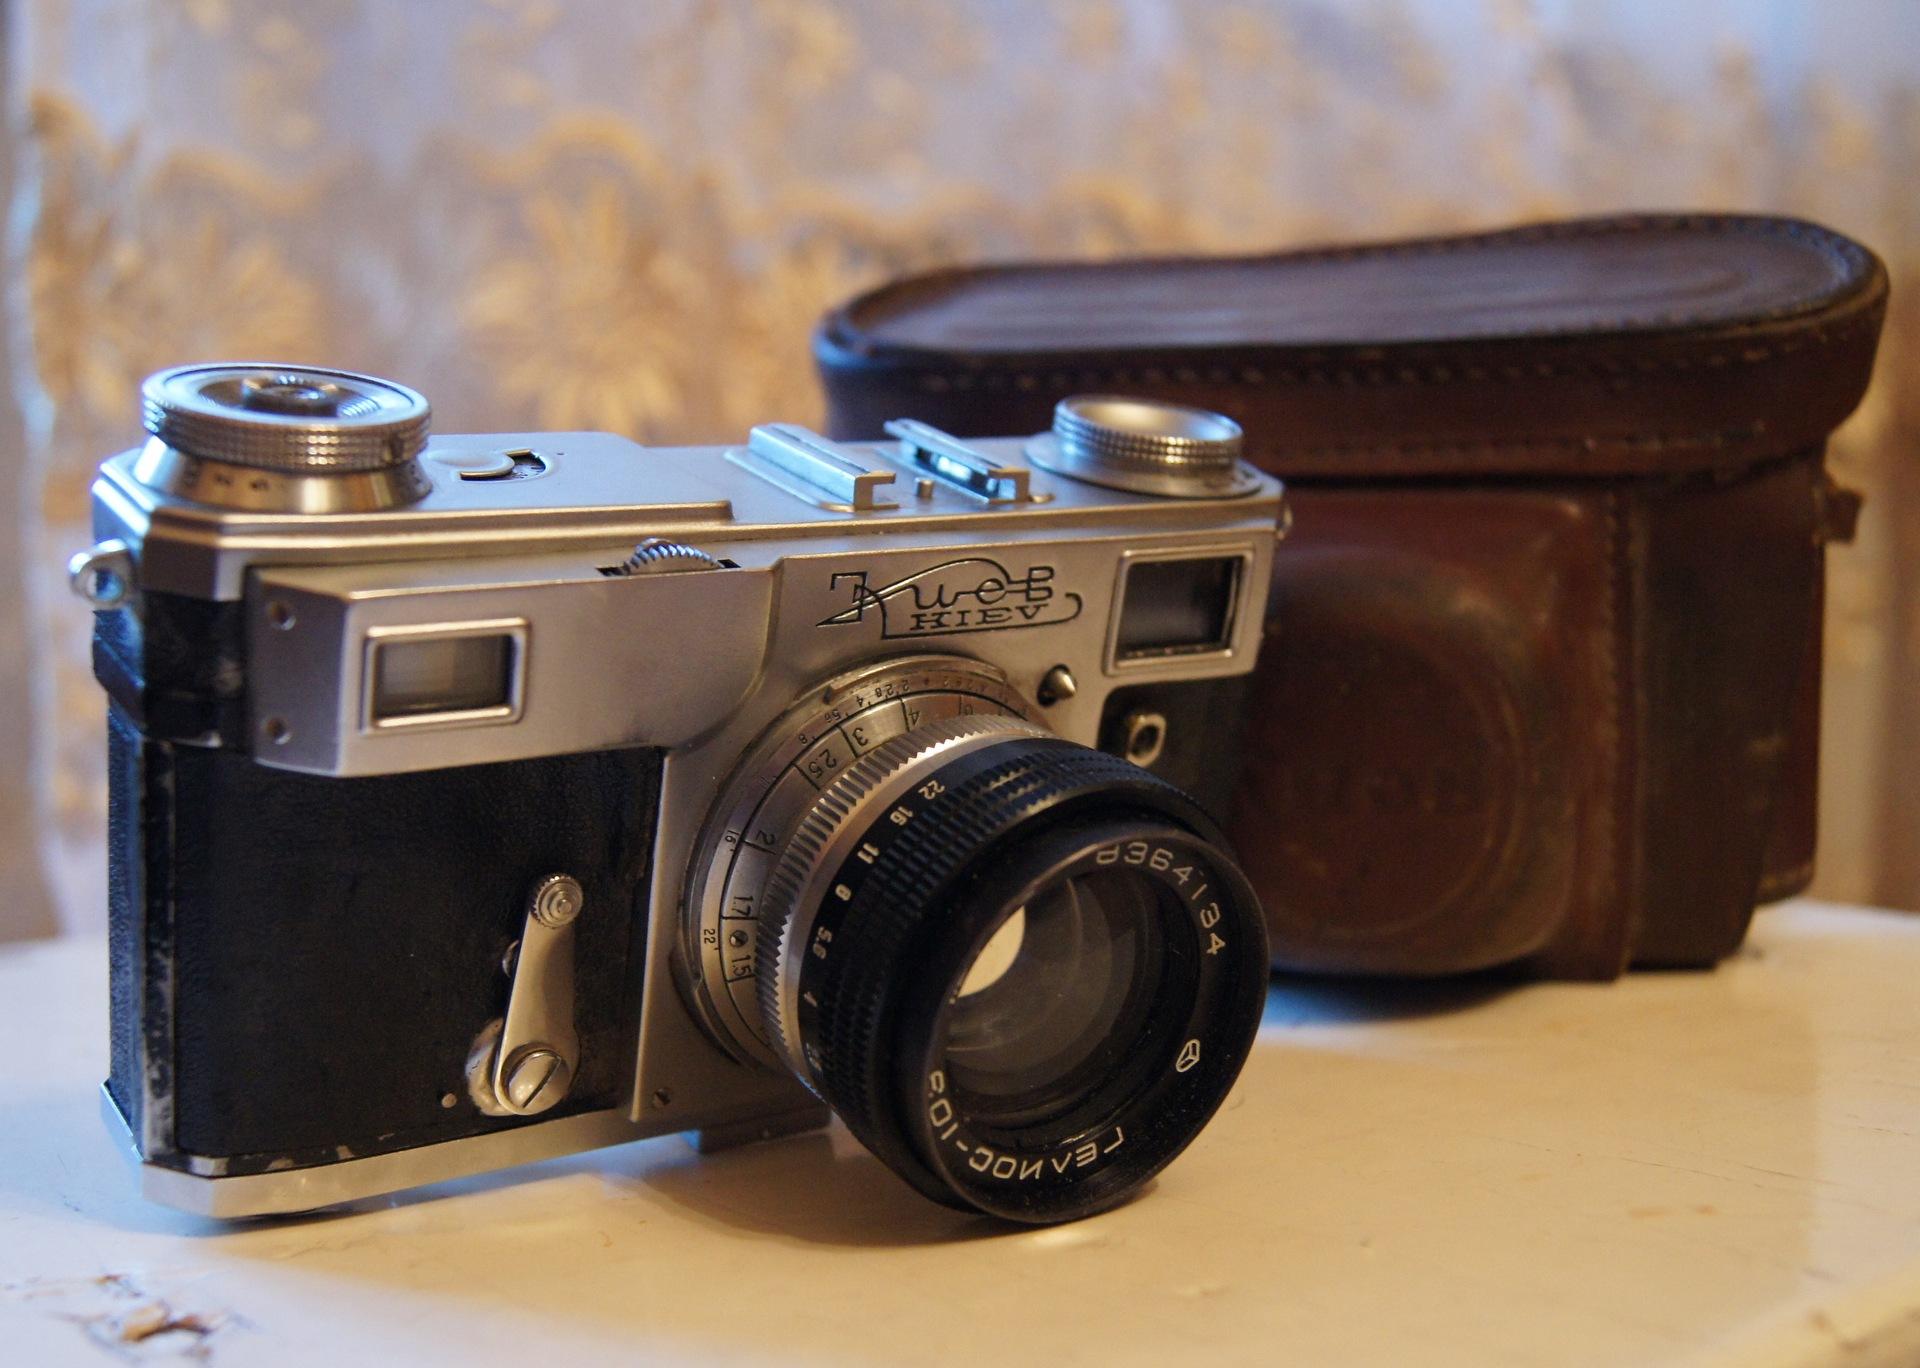 последний выпуск фотоаппаратов фото системы